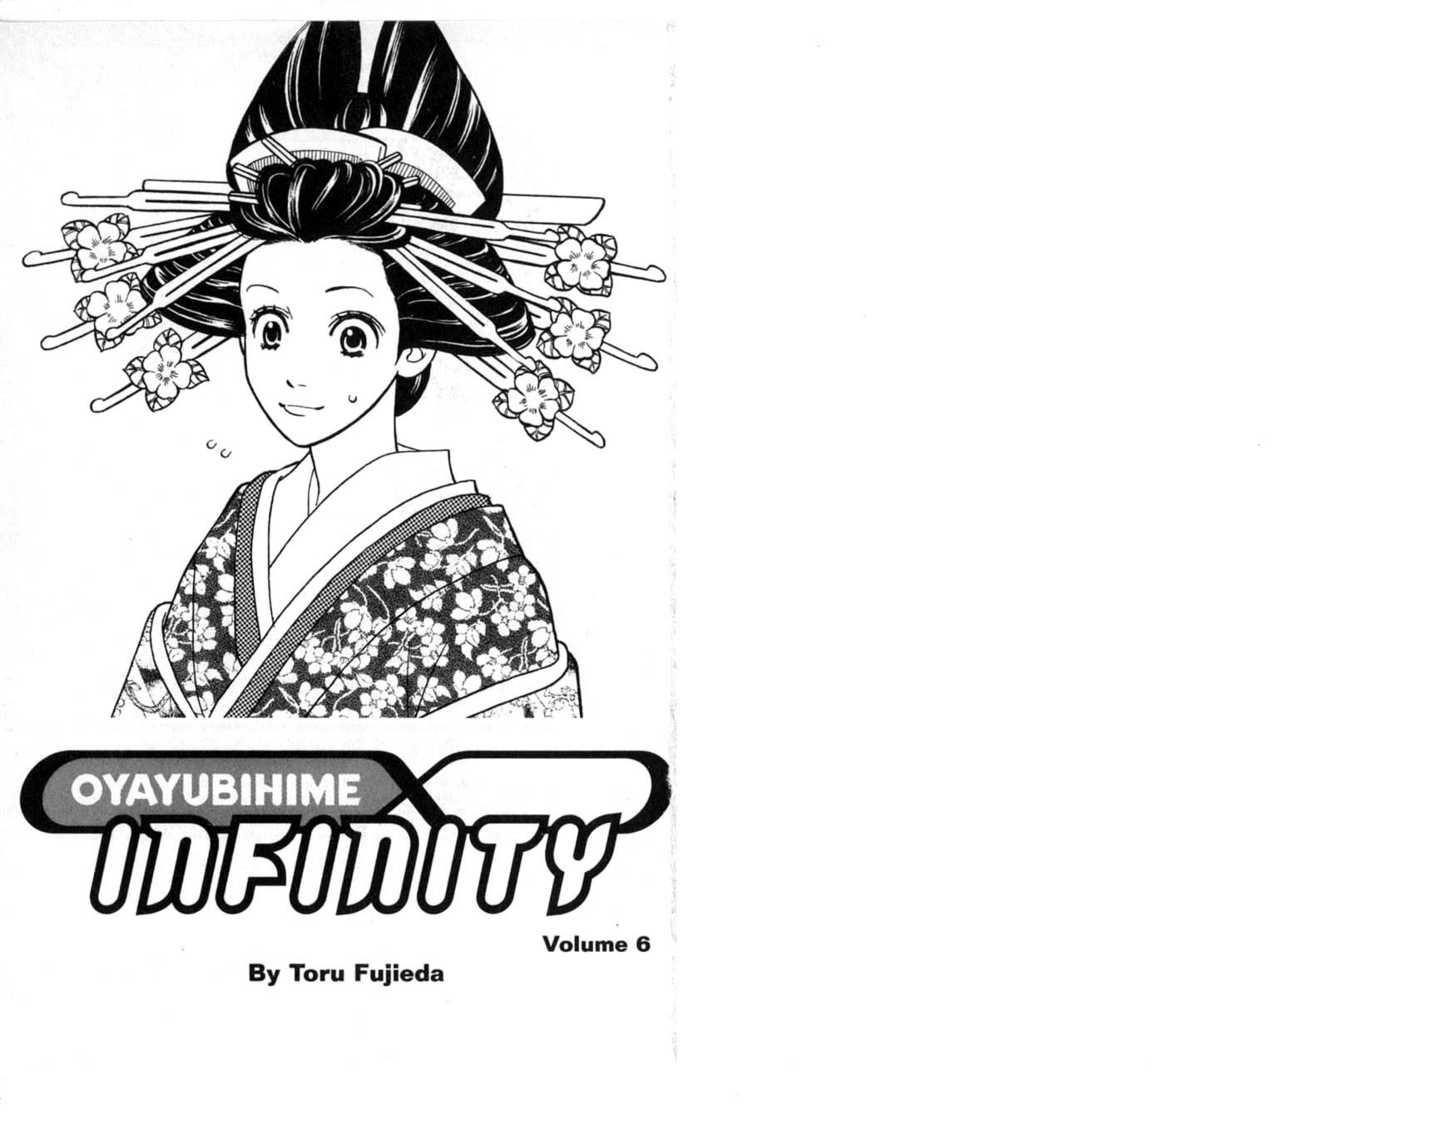 Oyayubihime Infinity 0 Page 2